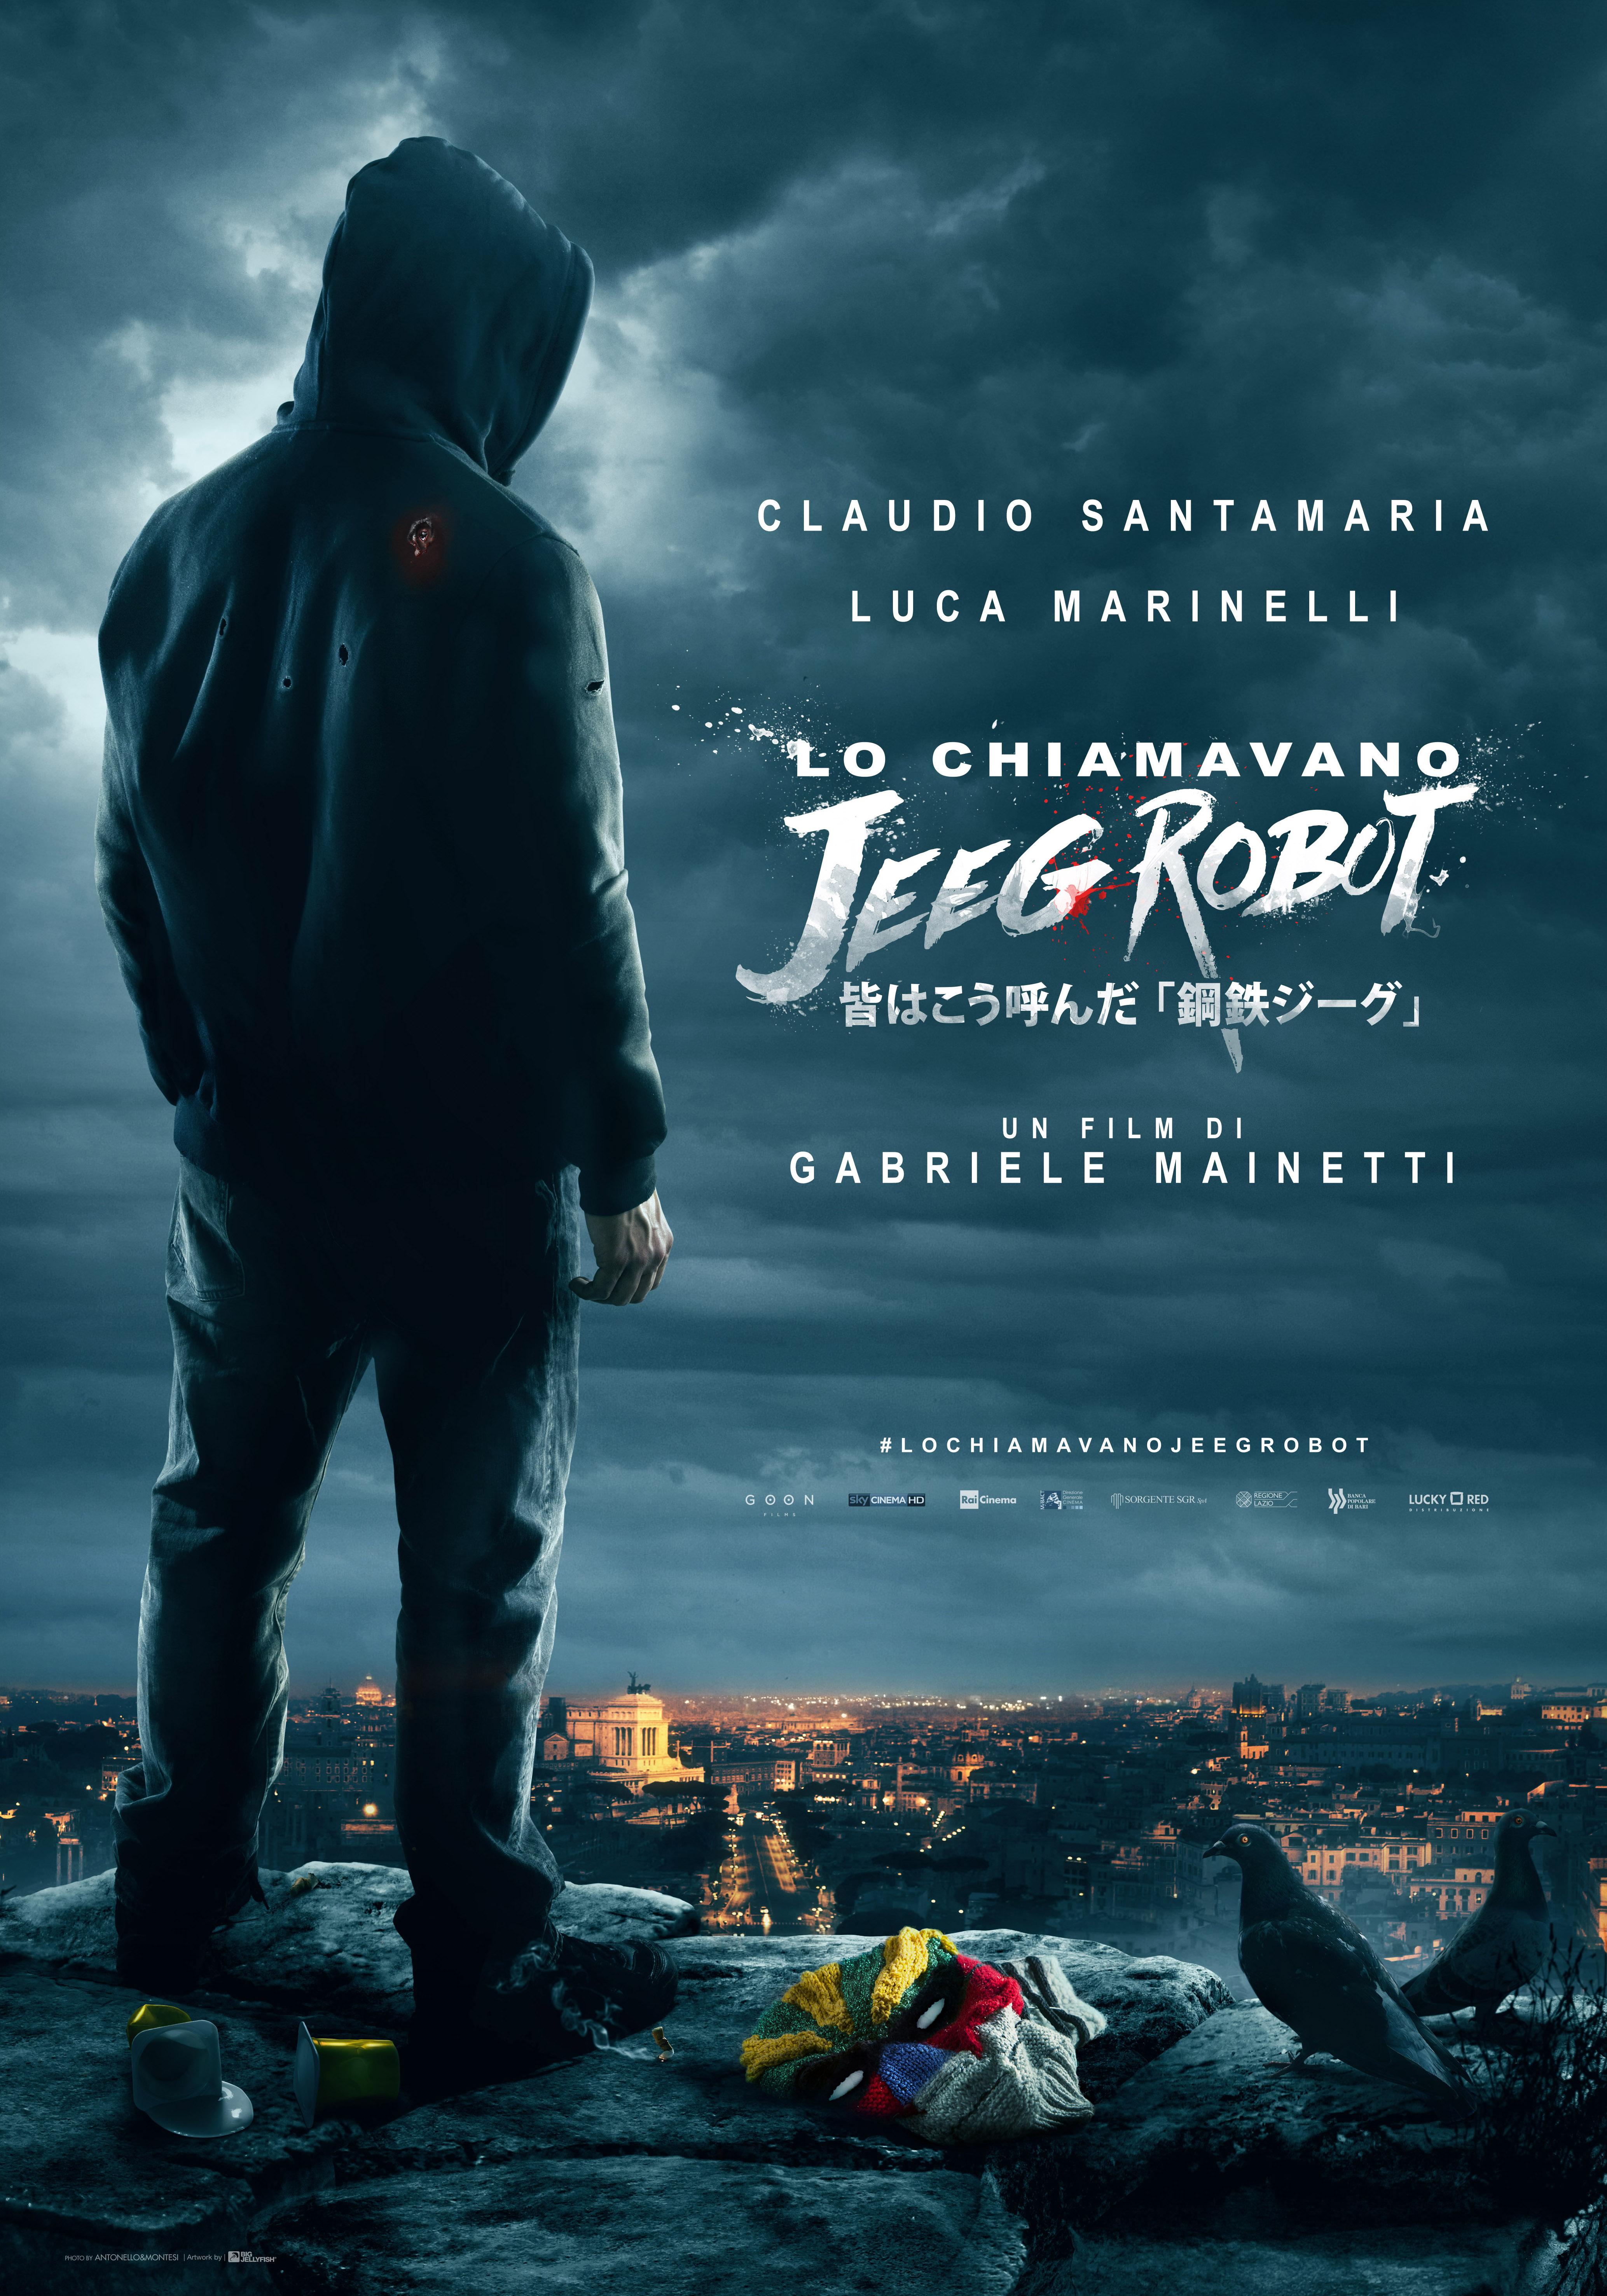 Meu Nome é Jeeg Robot [Dub] – IMDB 7.1